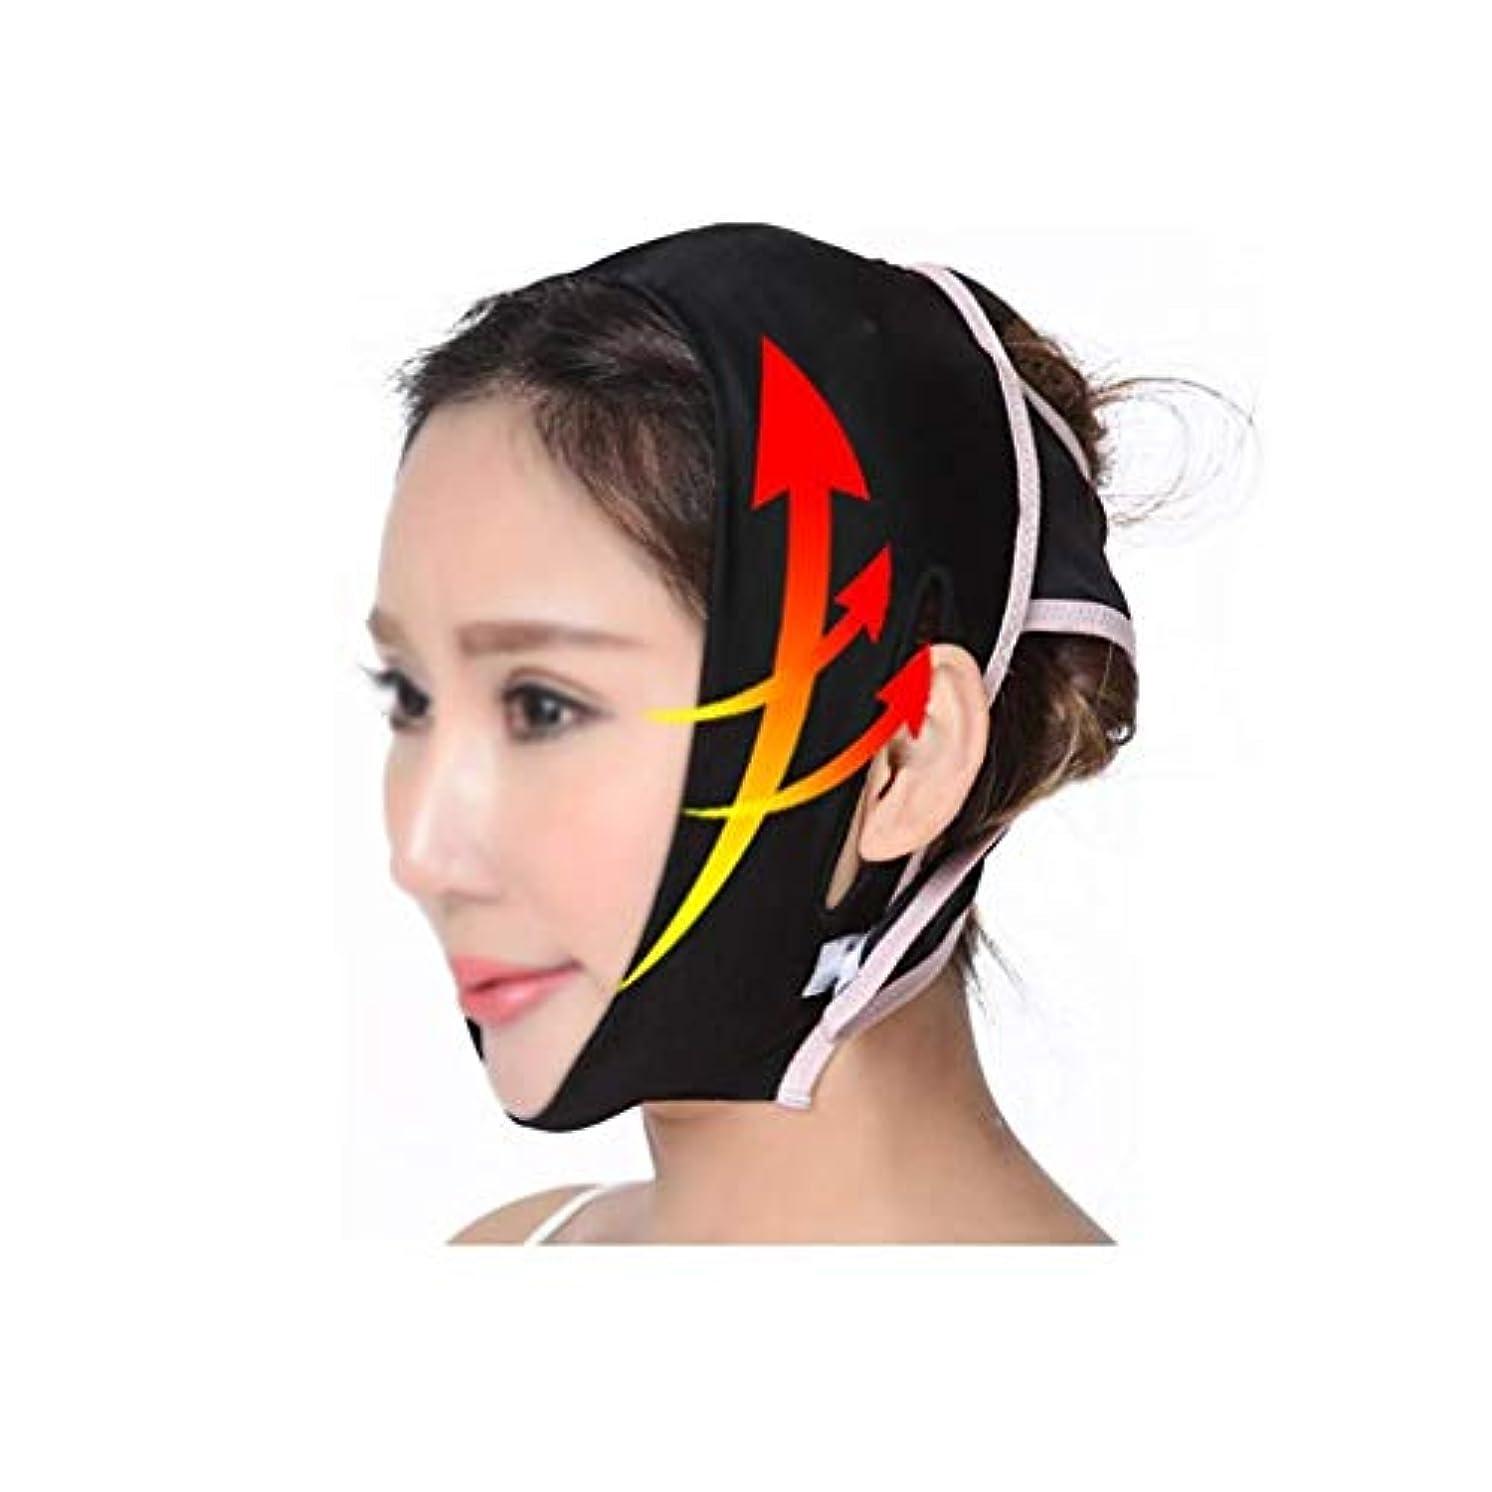 マント無条件正確さフェイスリフトマスク、フェイシャルマスク睡眠顔整形顔包帯顔リフティングV顔顔アーティファクト回復通気性ネックストラップ(サイズ:M)